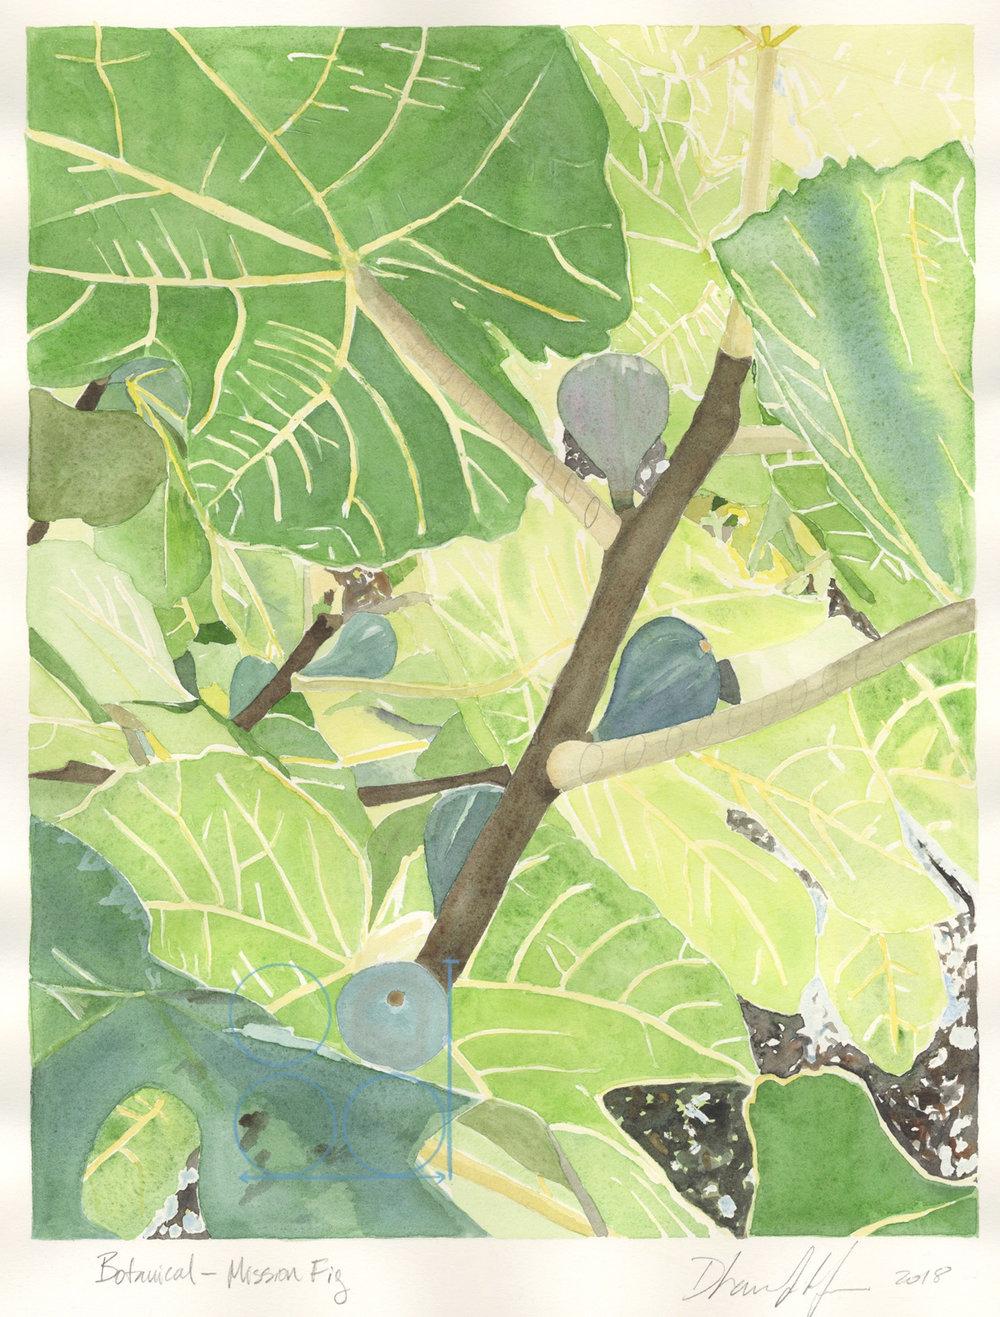 Botanical—Mission Fig